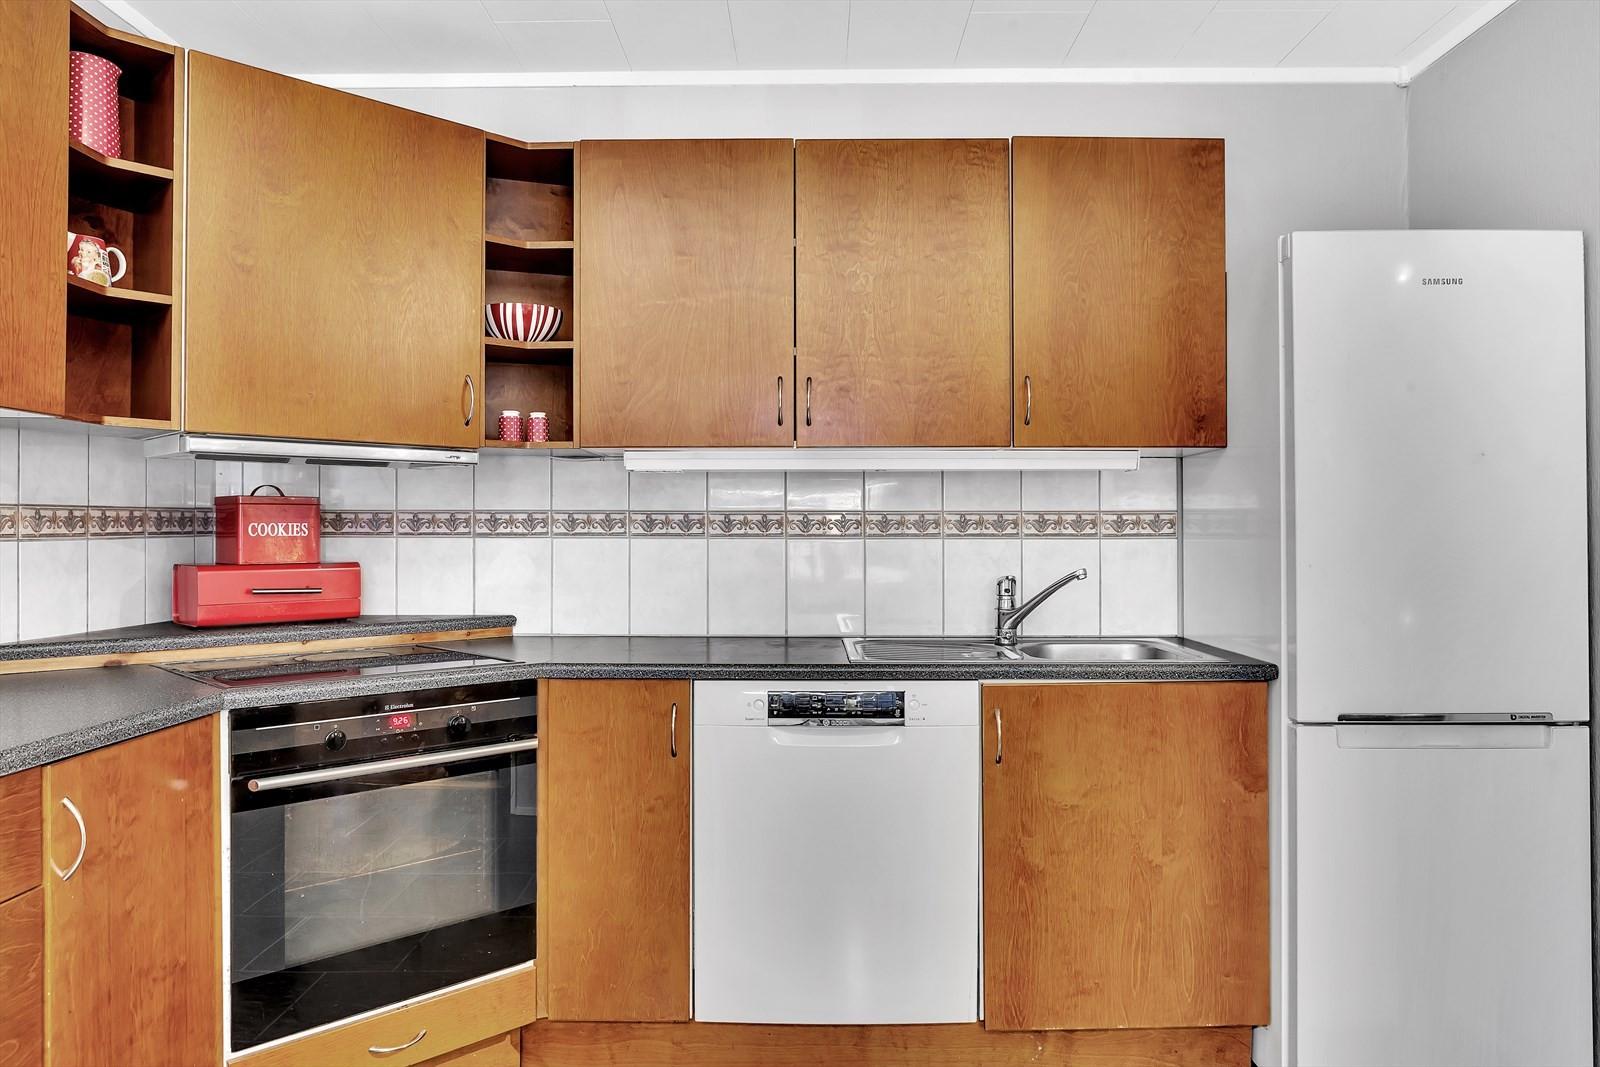 Integrert stekeovn, koketopp og oppvaskmaskin